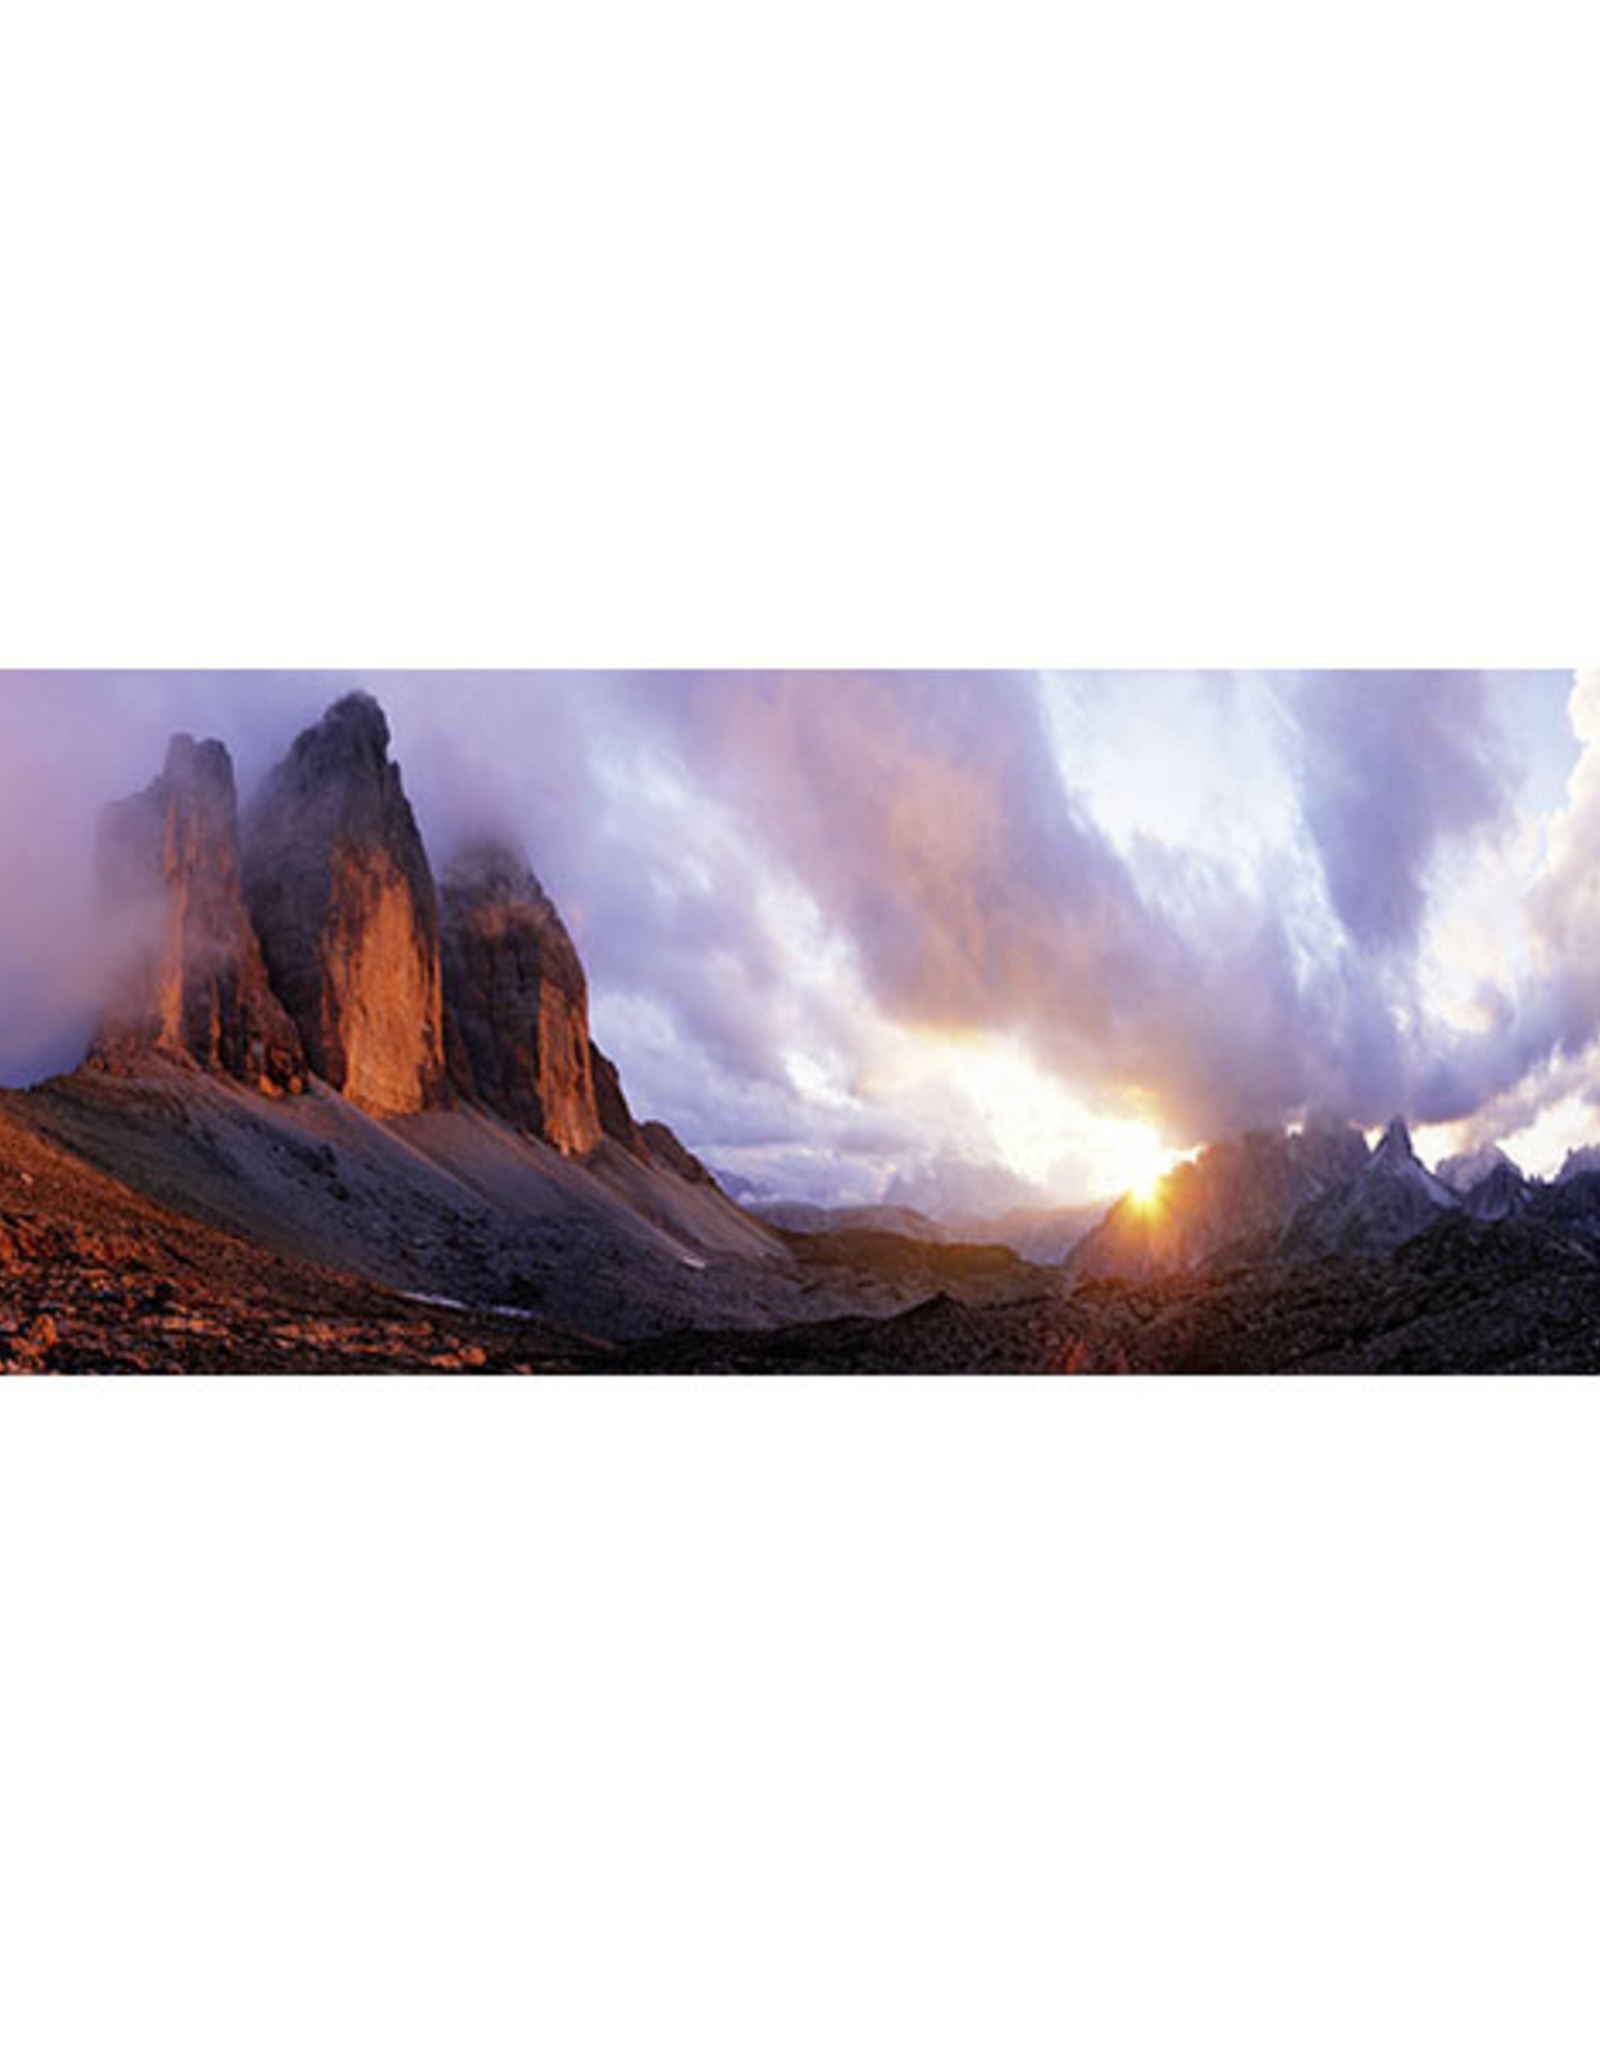 Heye 3 Peaks Panoramic 1000pc Puzzle